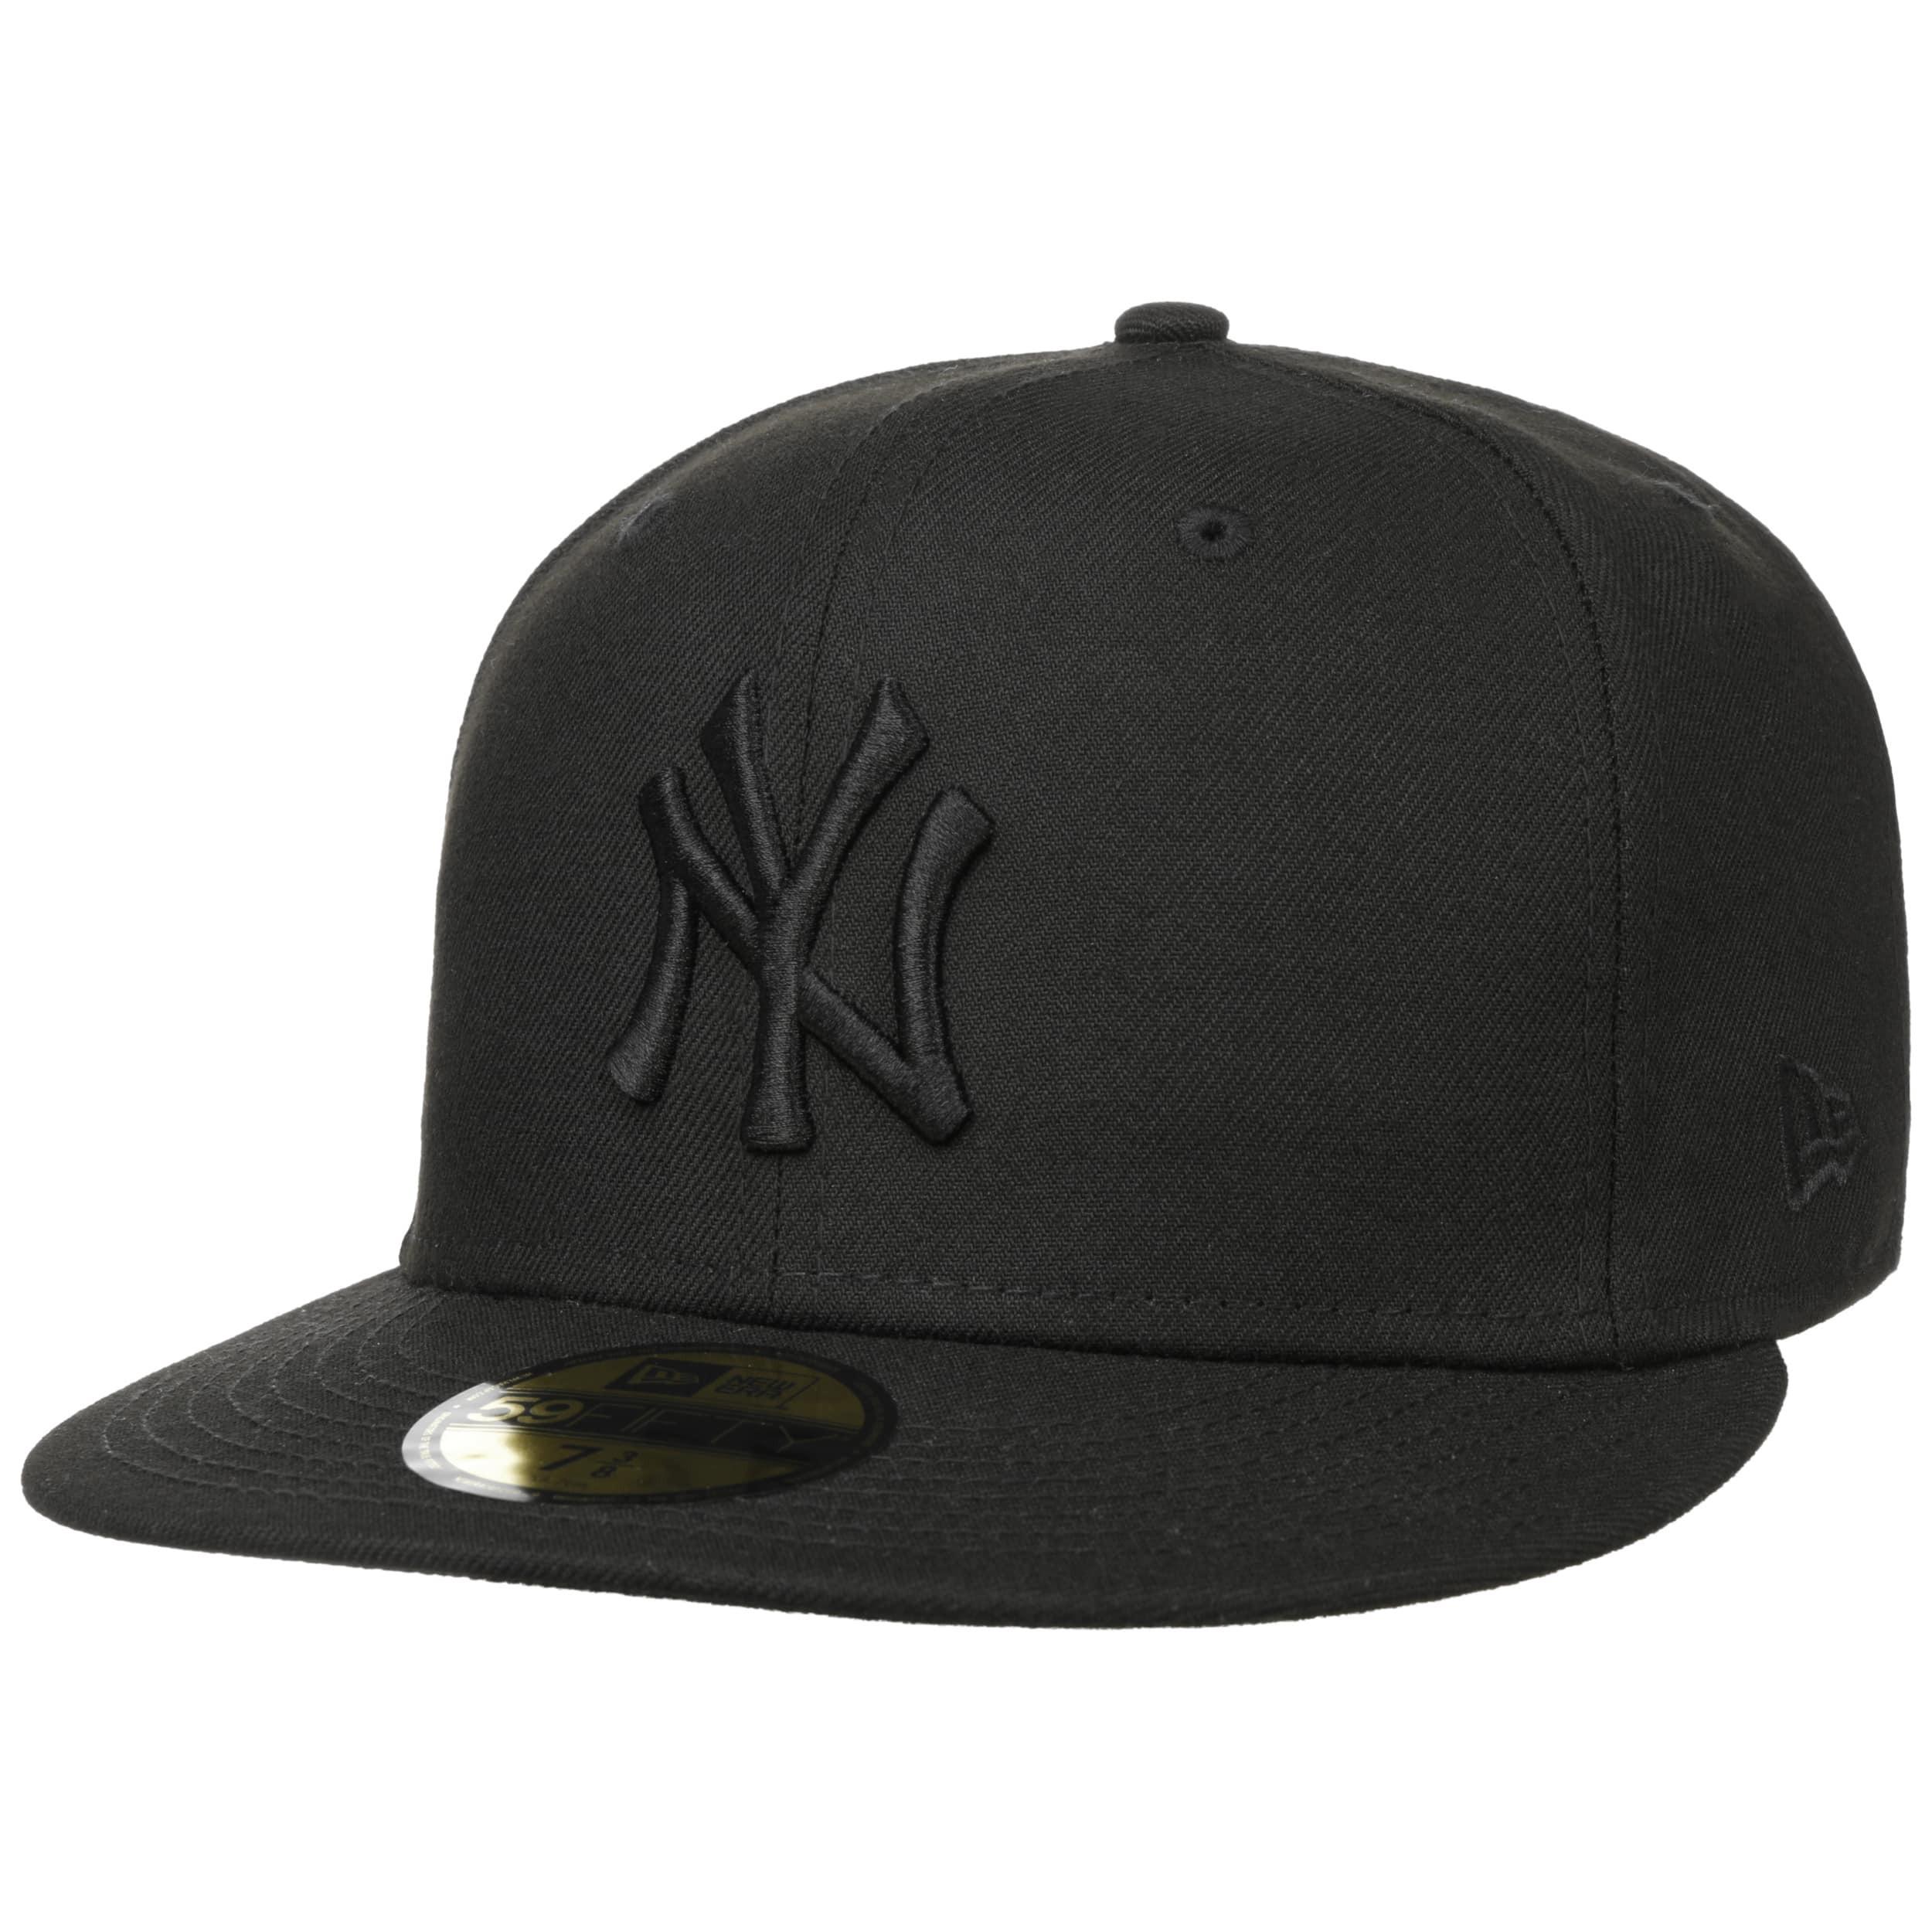 Artikel klicken und genauer betrachten! - Die 59FIFTY von New Era sollte einst eine einheitliche, unverwechselbare Kopfbedeckung für die Spieler der amerikanischen Baseballprofiliga MLB sein, ist heutzutage jedoch zum Nonplusultra der Cap-Szene geworden. Die unter dem Namen Brooklyn style cap bekannte Kappe ist aus Kammwolle gefertigt und bietet als offizielle Kopfbedeckung der New York Yankees Spitzenqualität.   im Online Shop kaufen